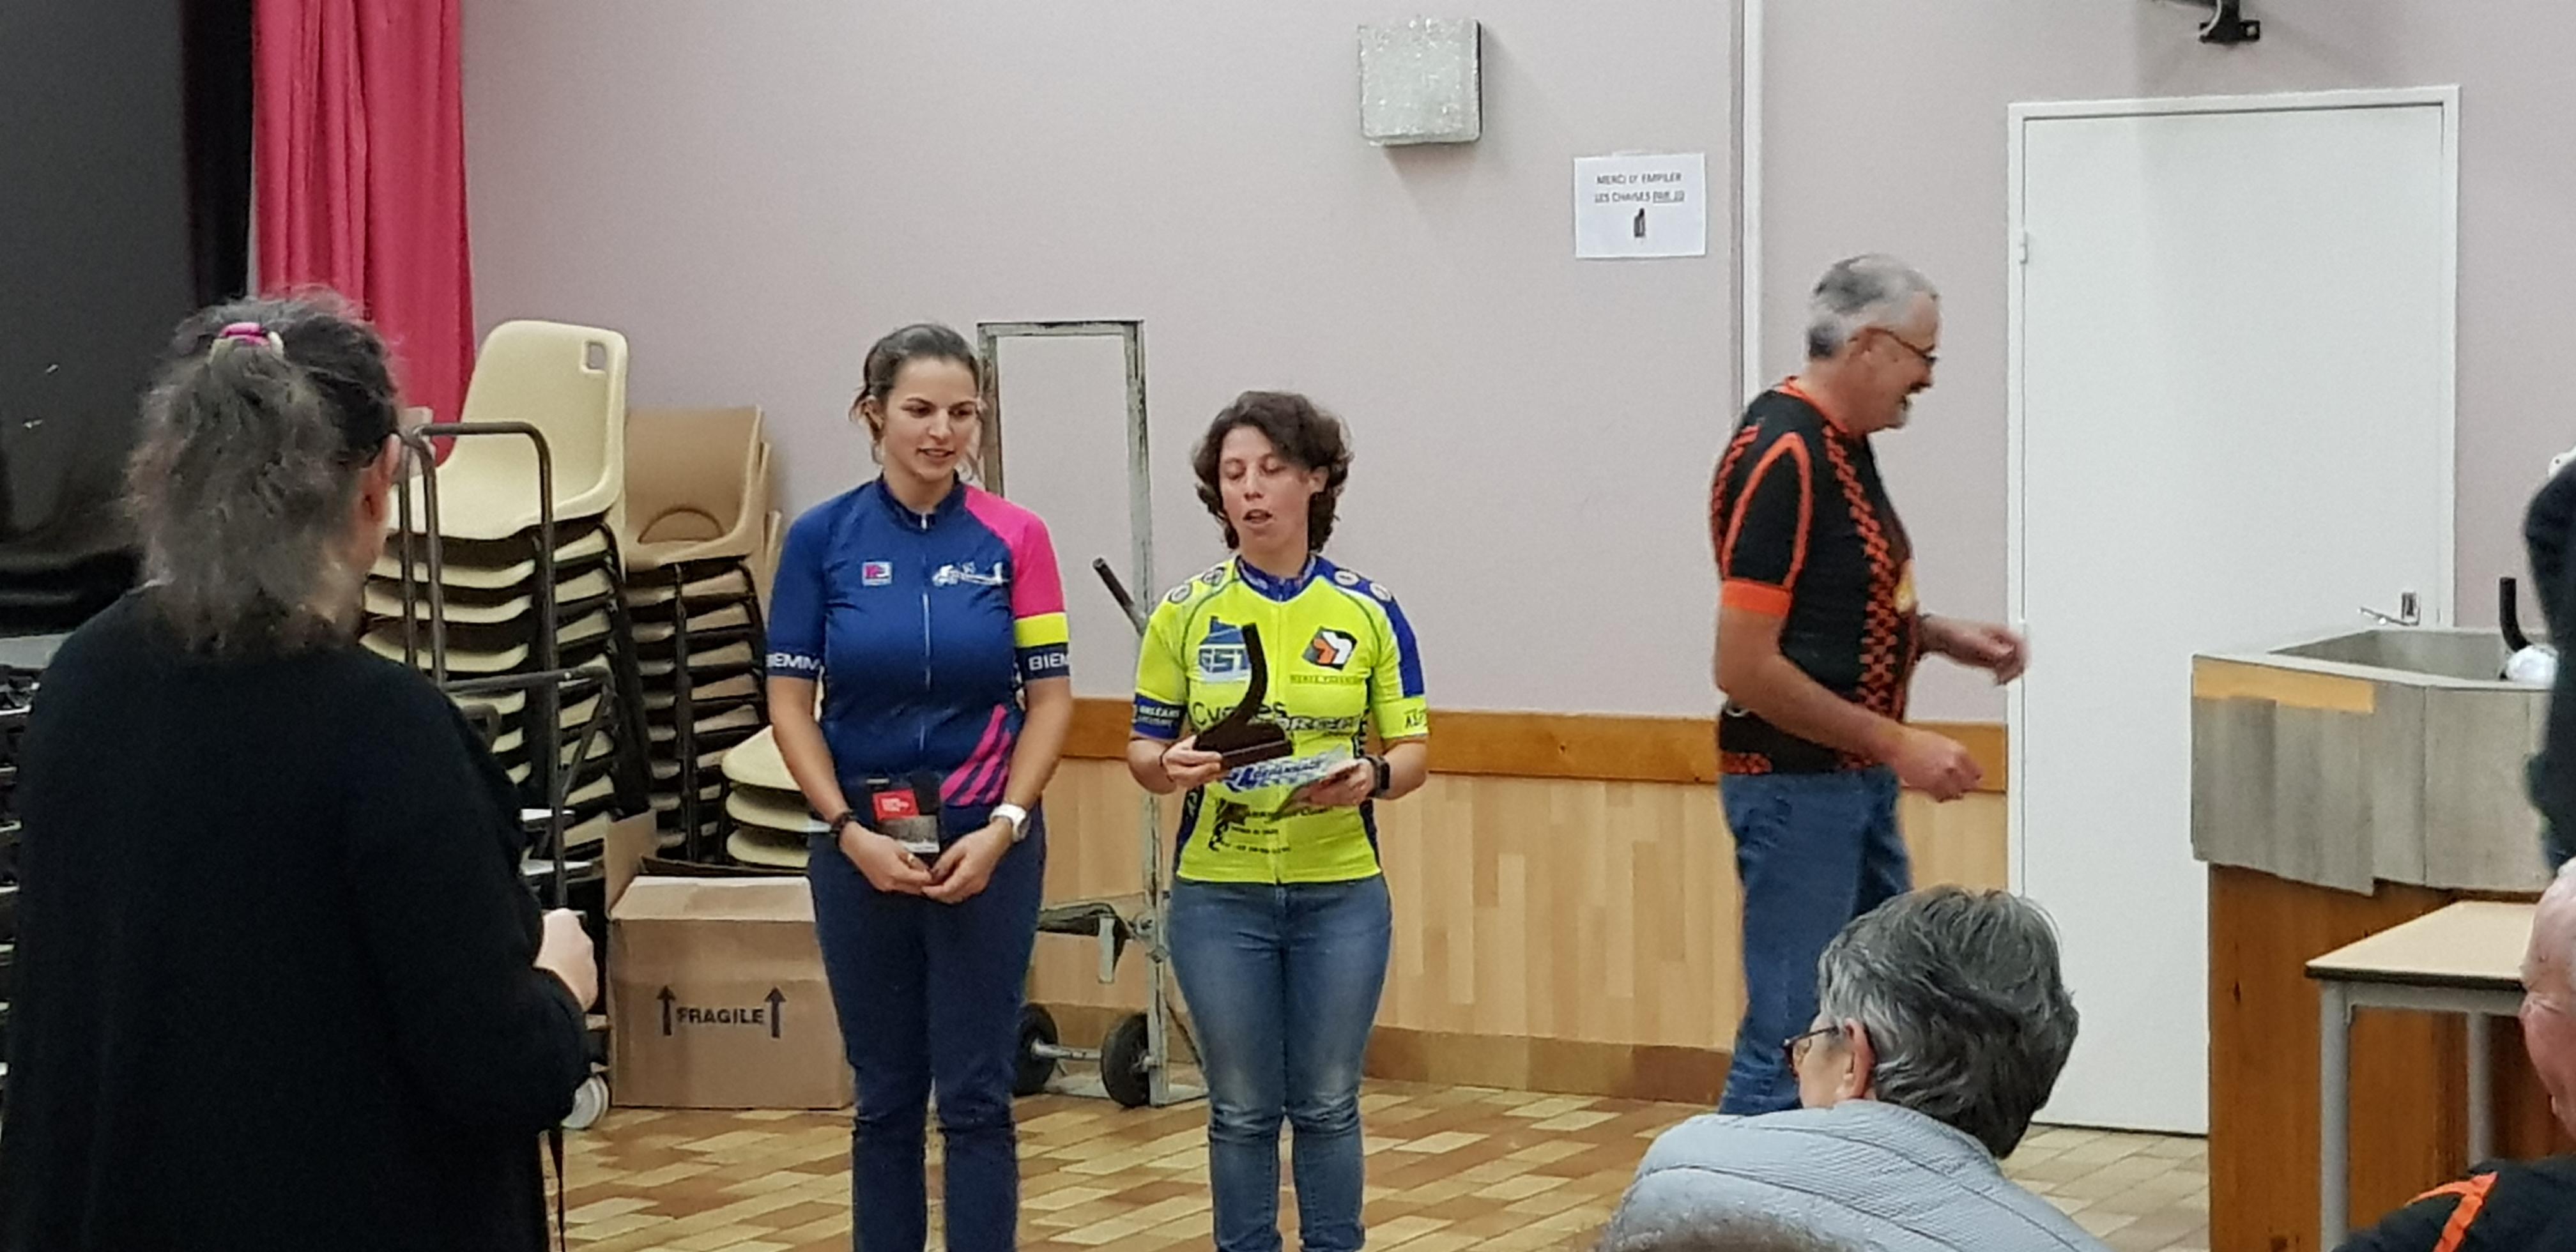 Sandrine Trophée route